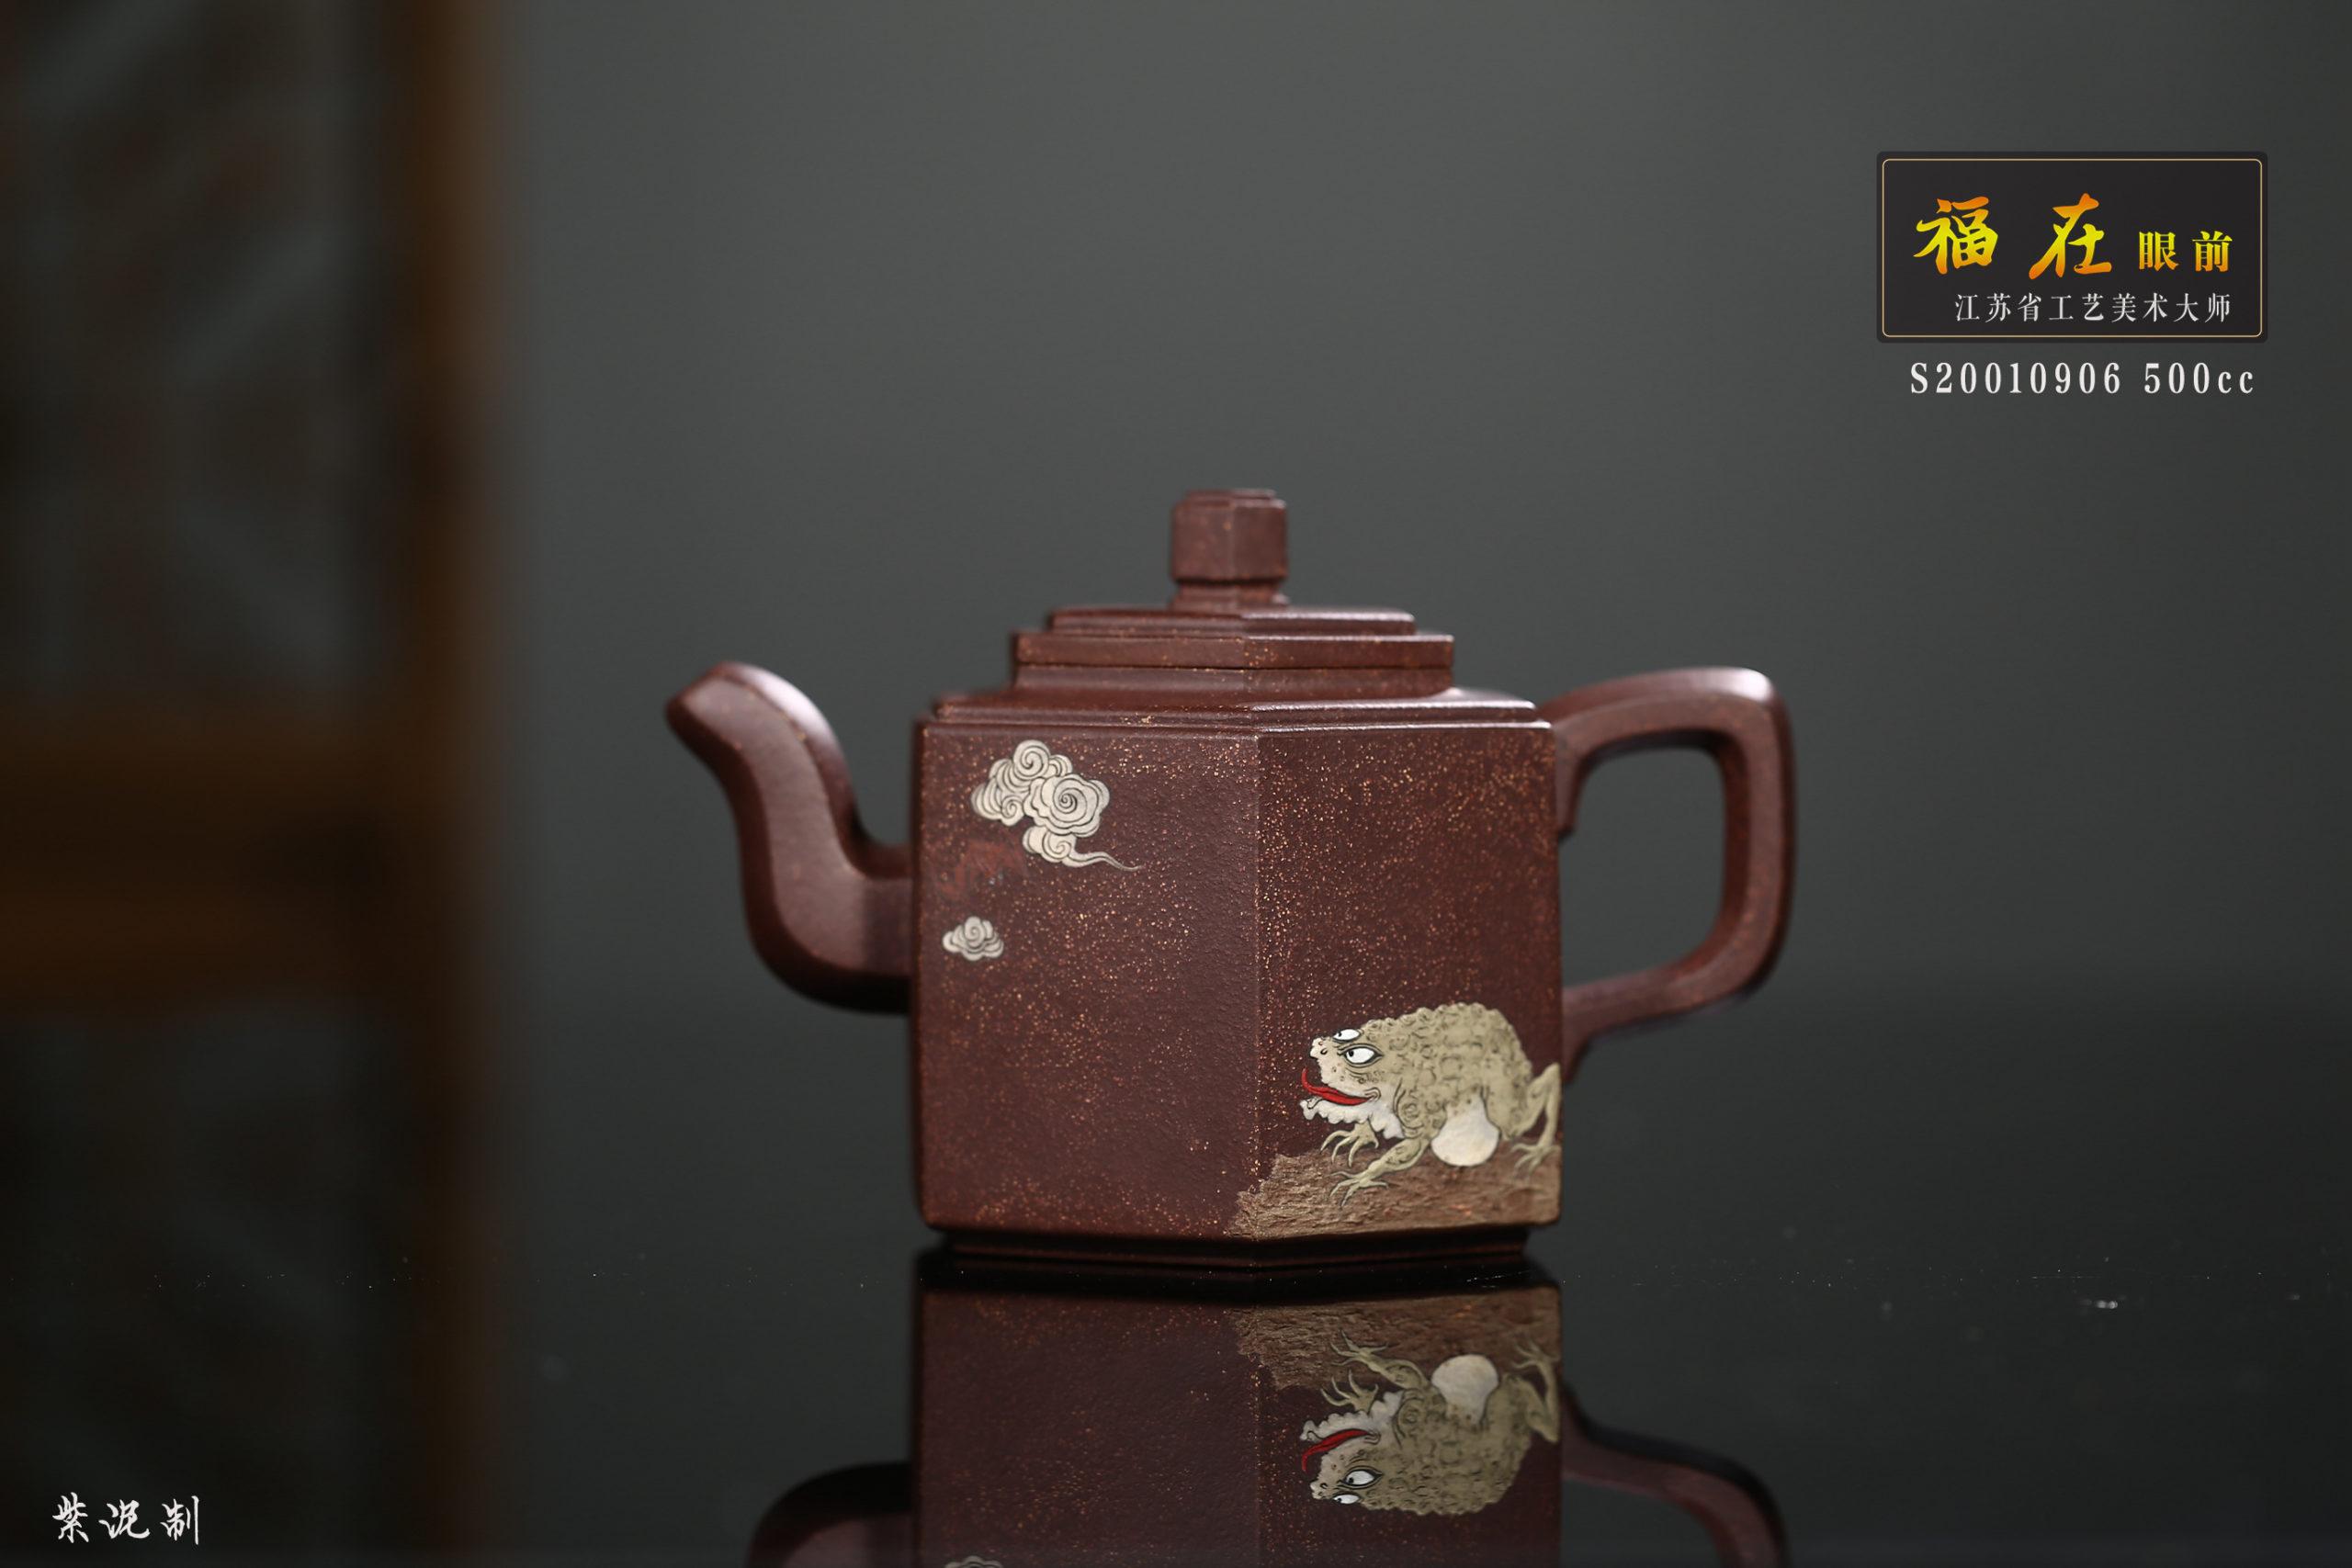 紫砂鉴赏丨吴小楣·福在眼前壶